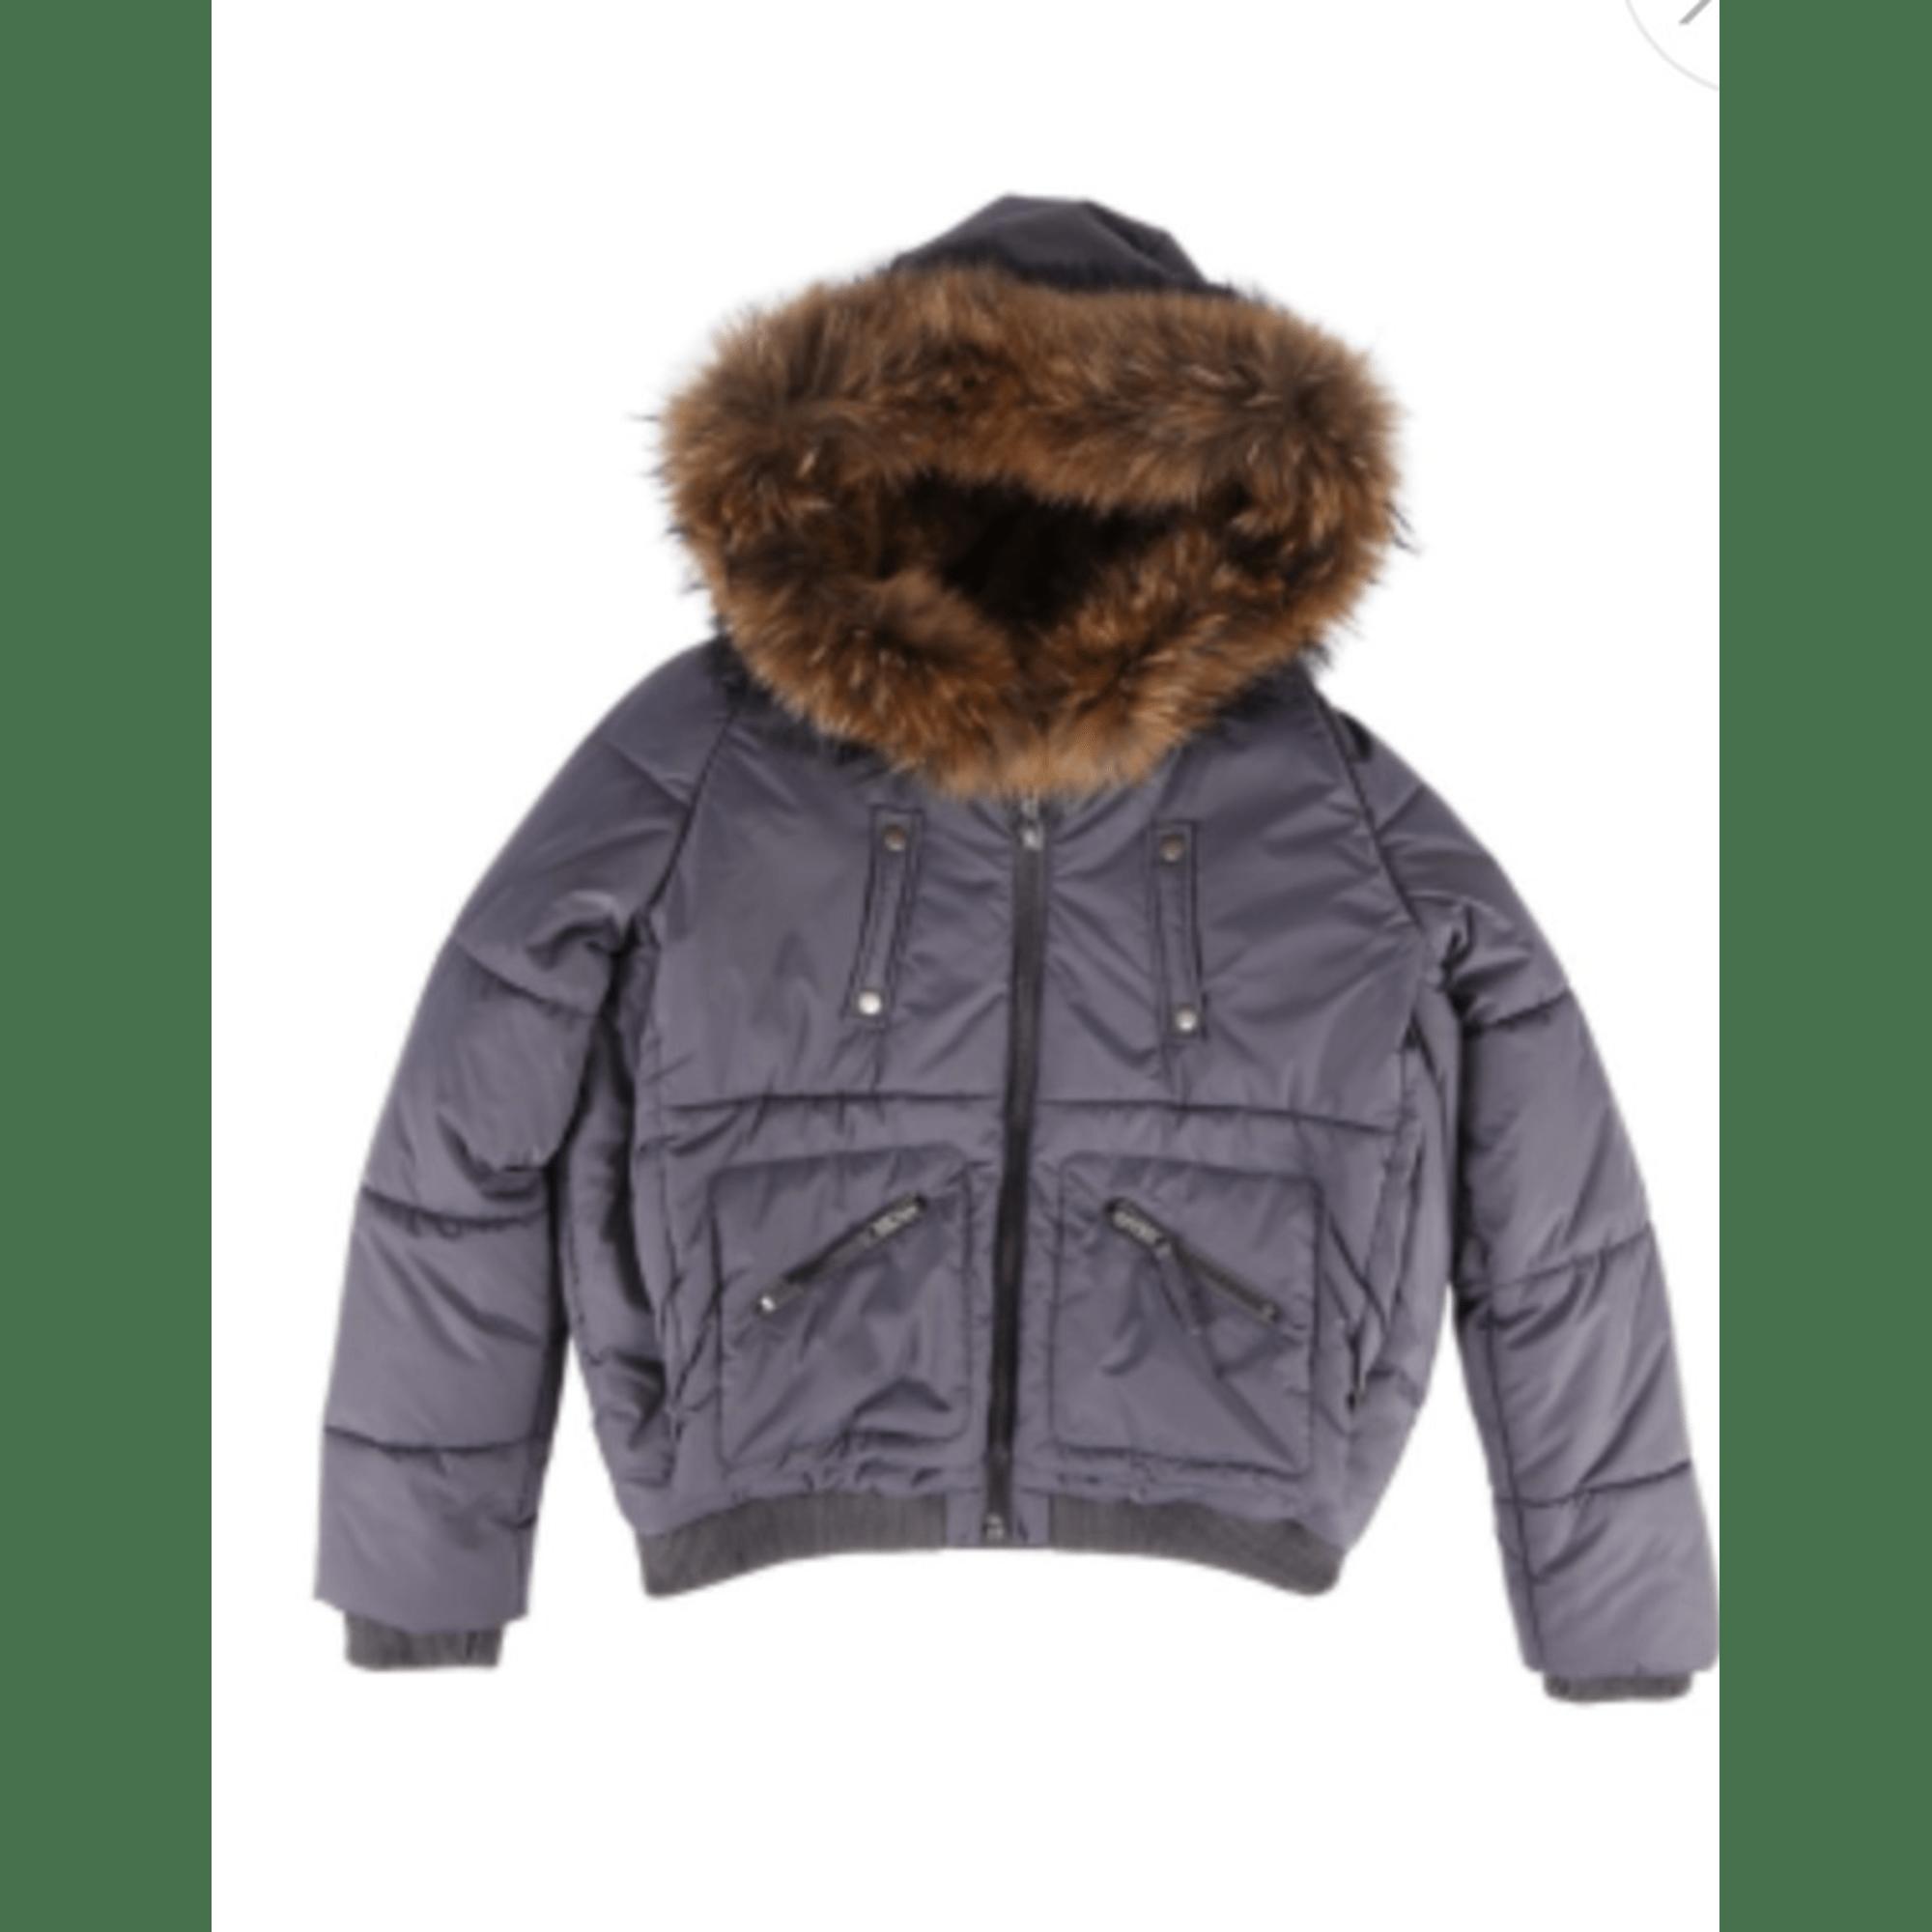 Doudoune BEL AIR 38 (M, T2) gris vendu par Rubys - 8077171 34a722b0154